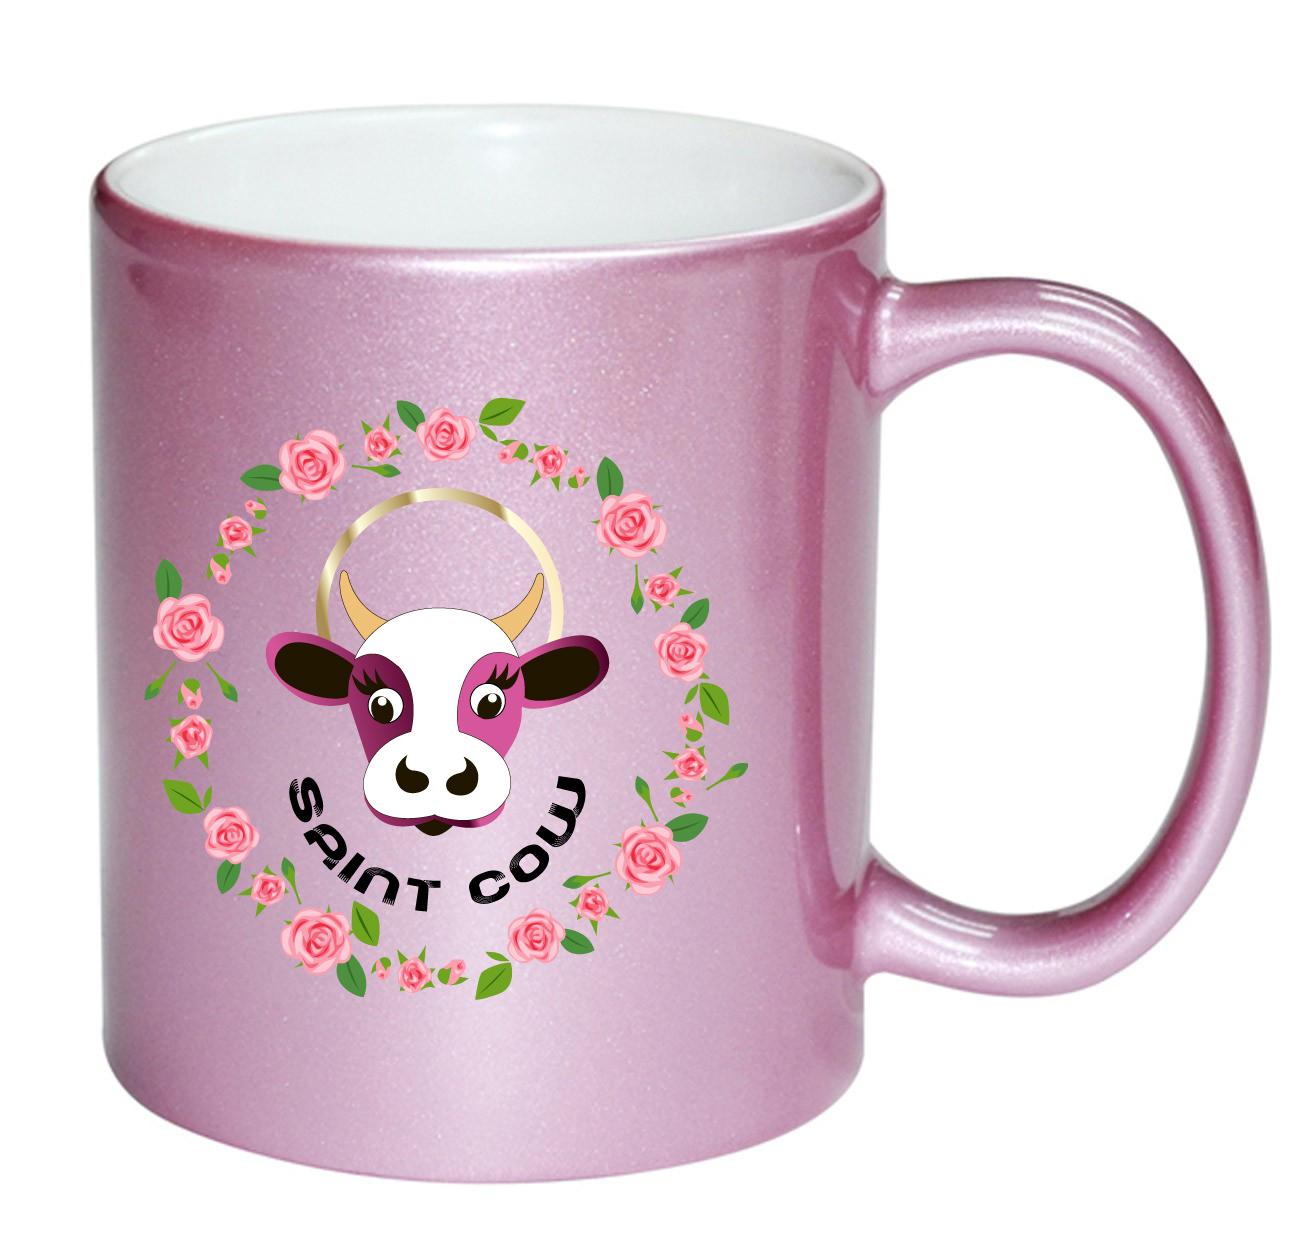 Фирменный стиль для компании Saint Cow фото f_26859b77e29eb7b3.jpg